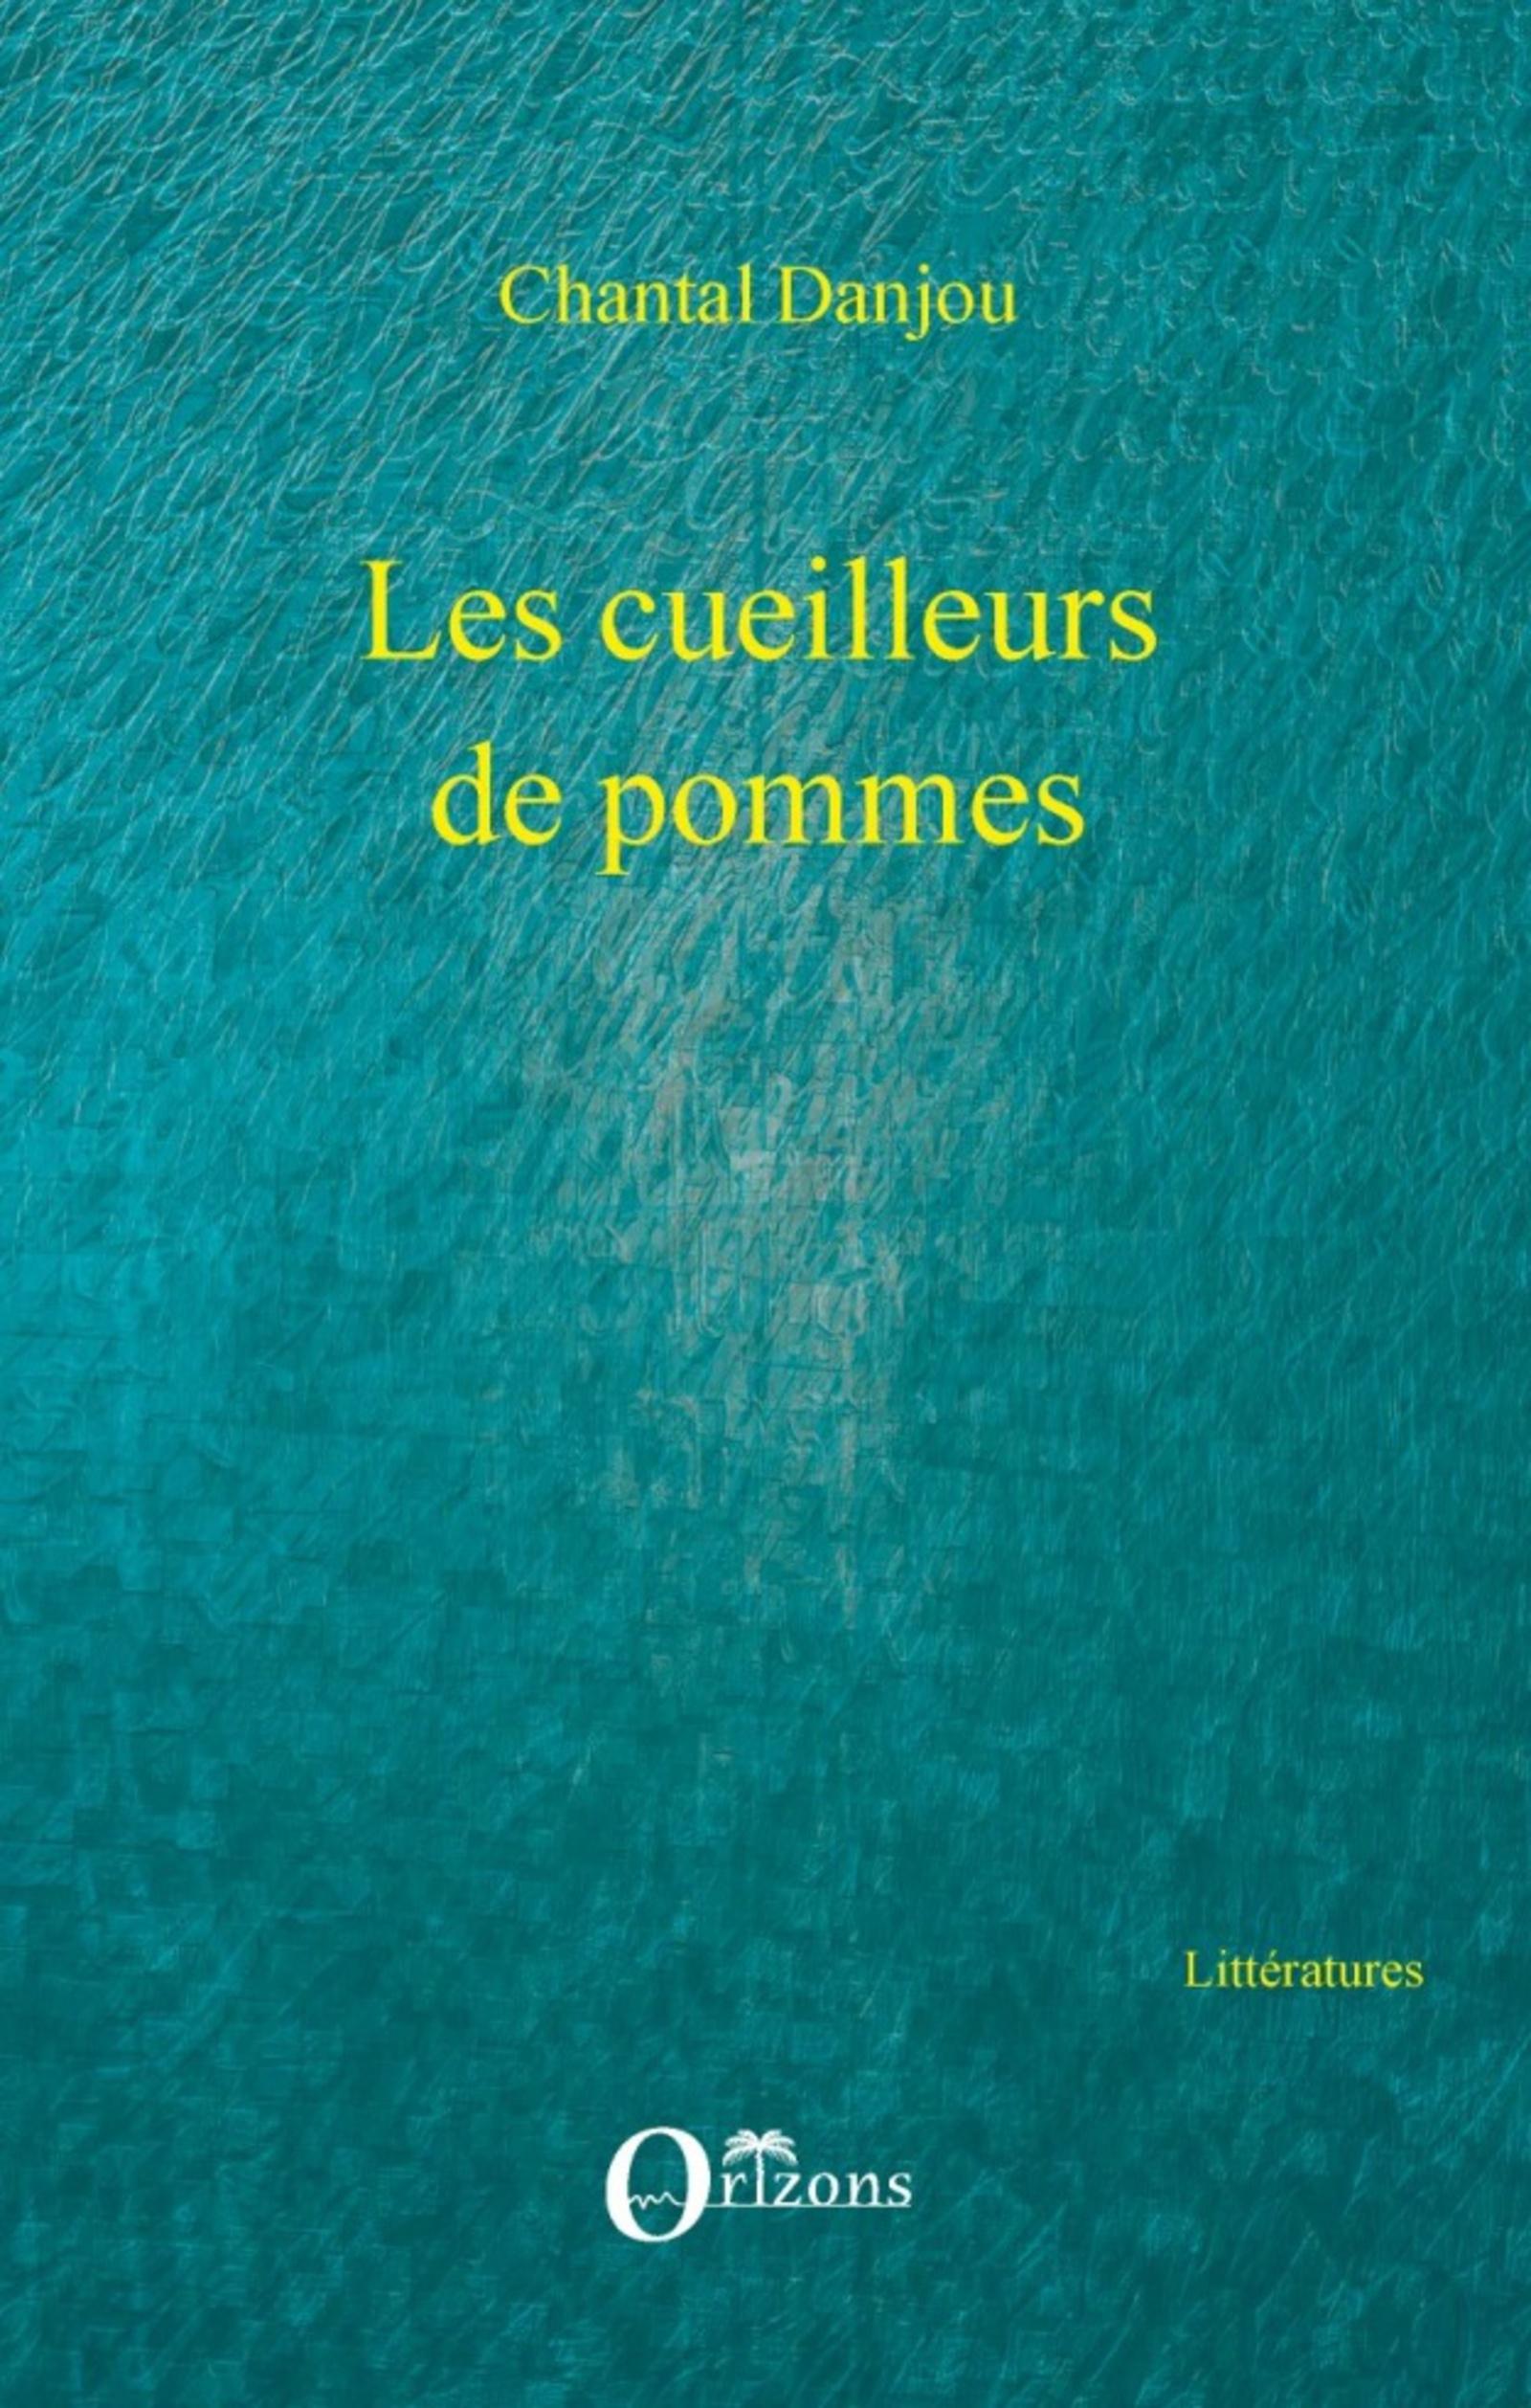 LES CUEILLEURS DE POMMES Chantal Danjou Livre Ebook Epub - Carrelage terrasse et harlequin tapis de danse